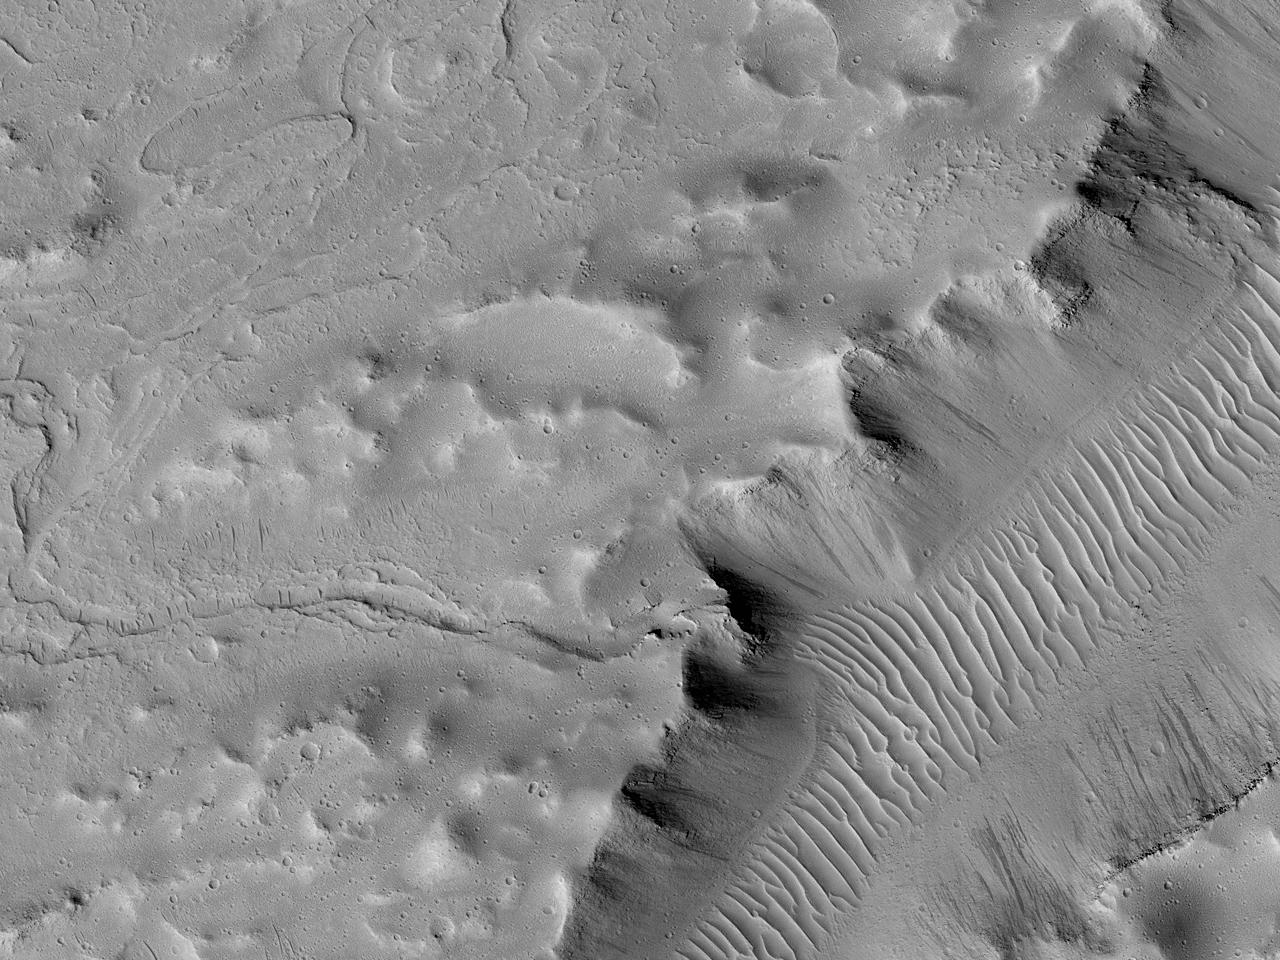 Лавопад в северной части долин Kasei Valles